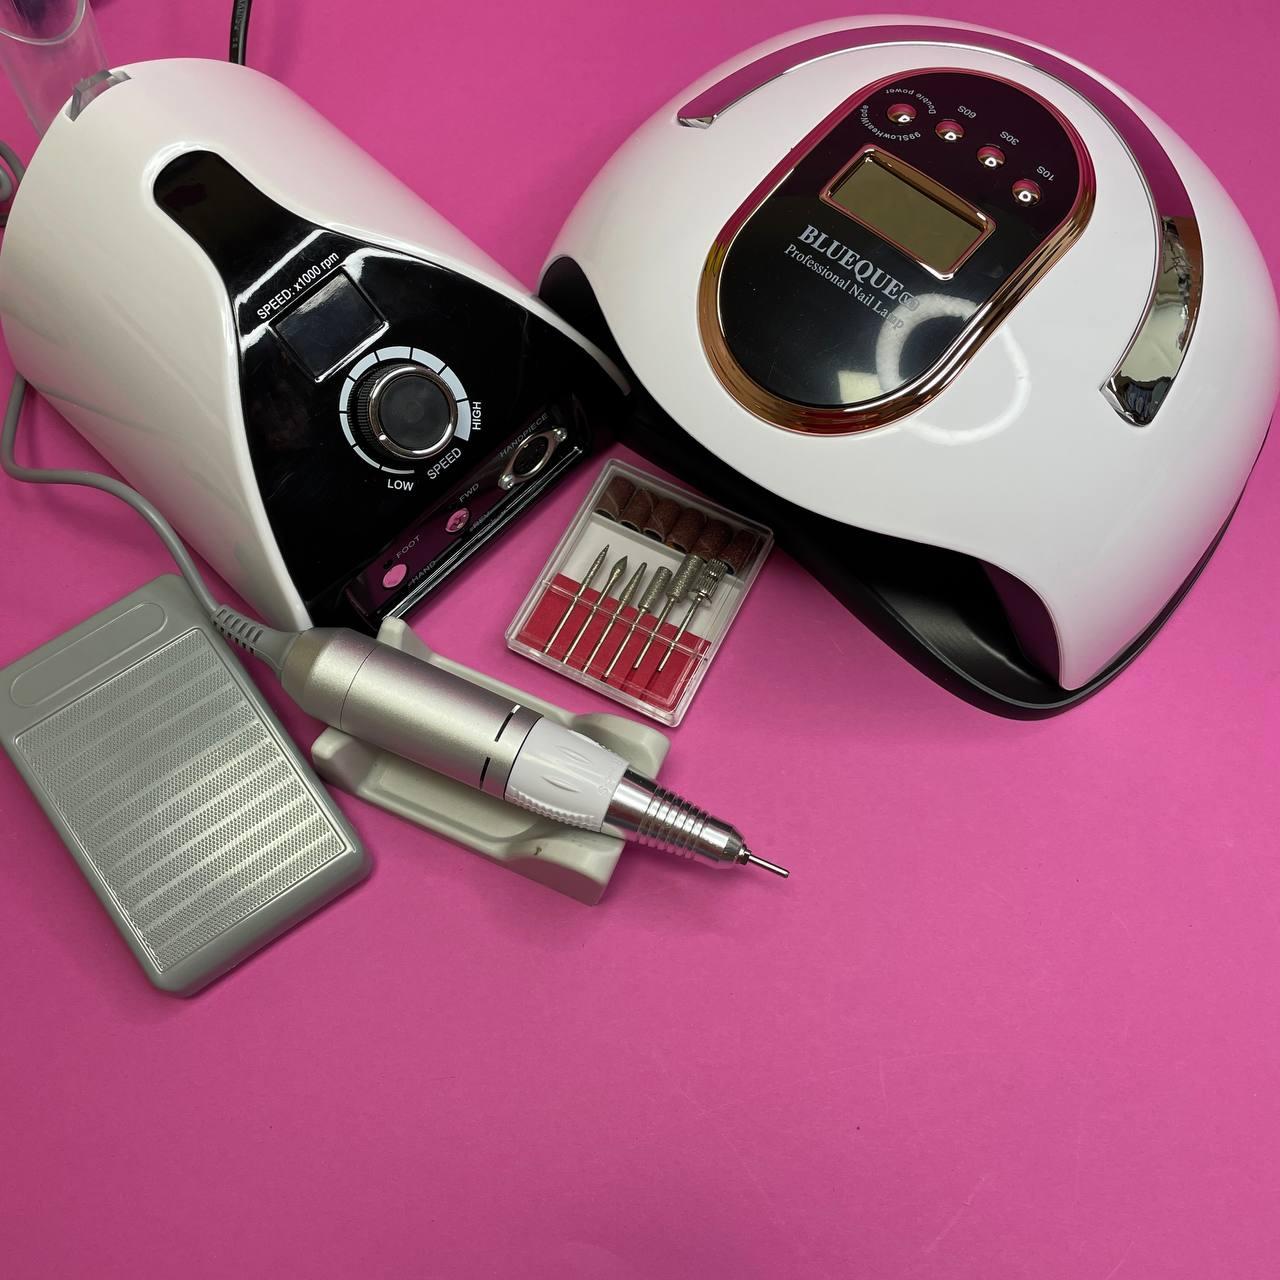 Набор для маникюра с фрезером ZS-711 65вт/45тыс оборотов и лампой UV + LED Blueque V8 168вт